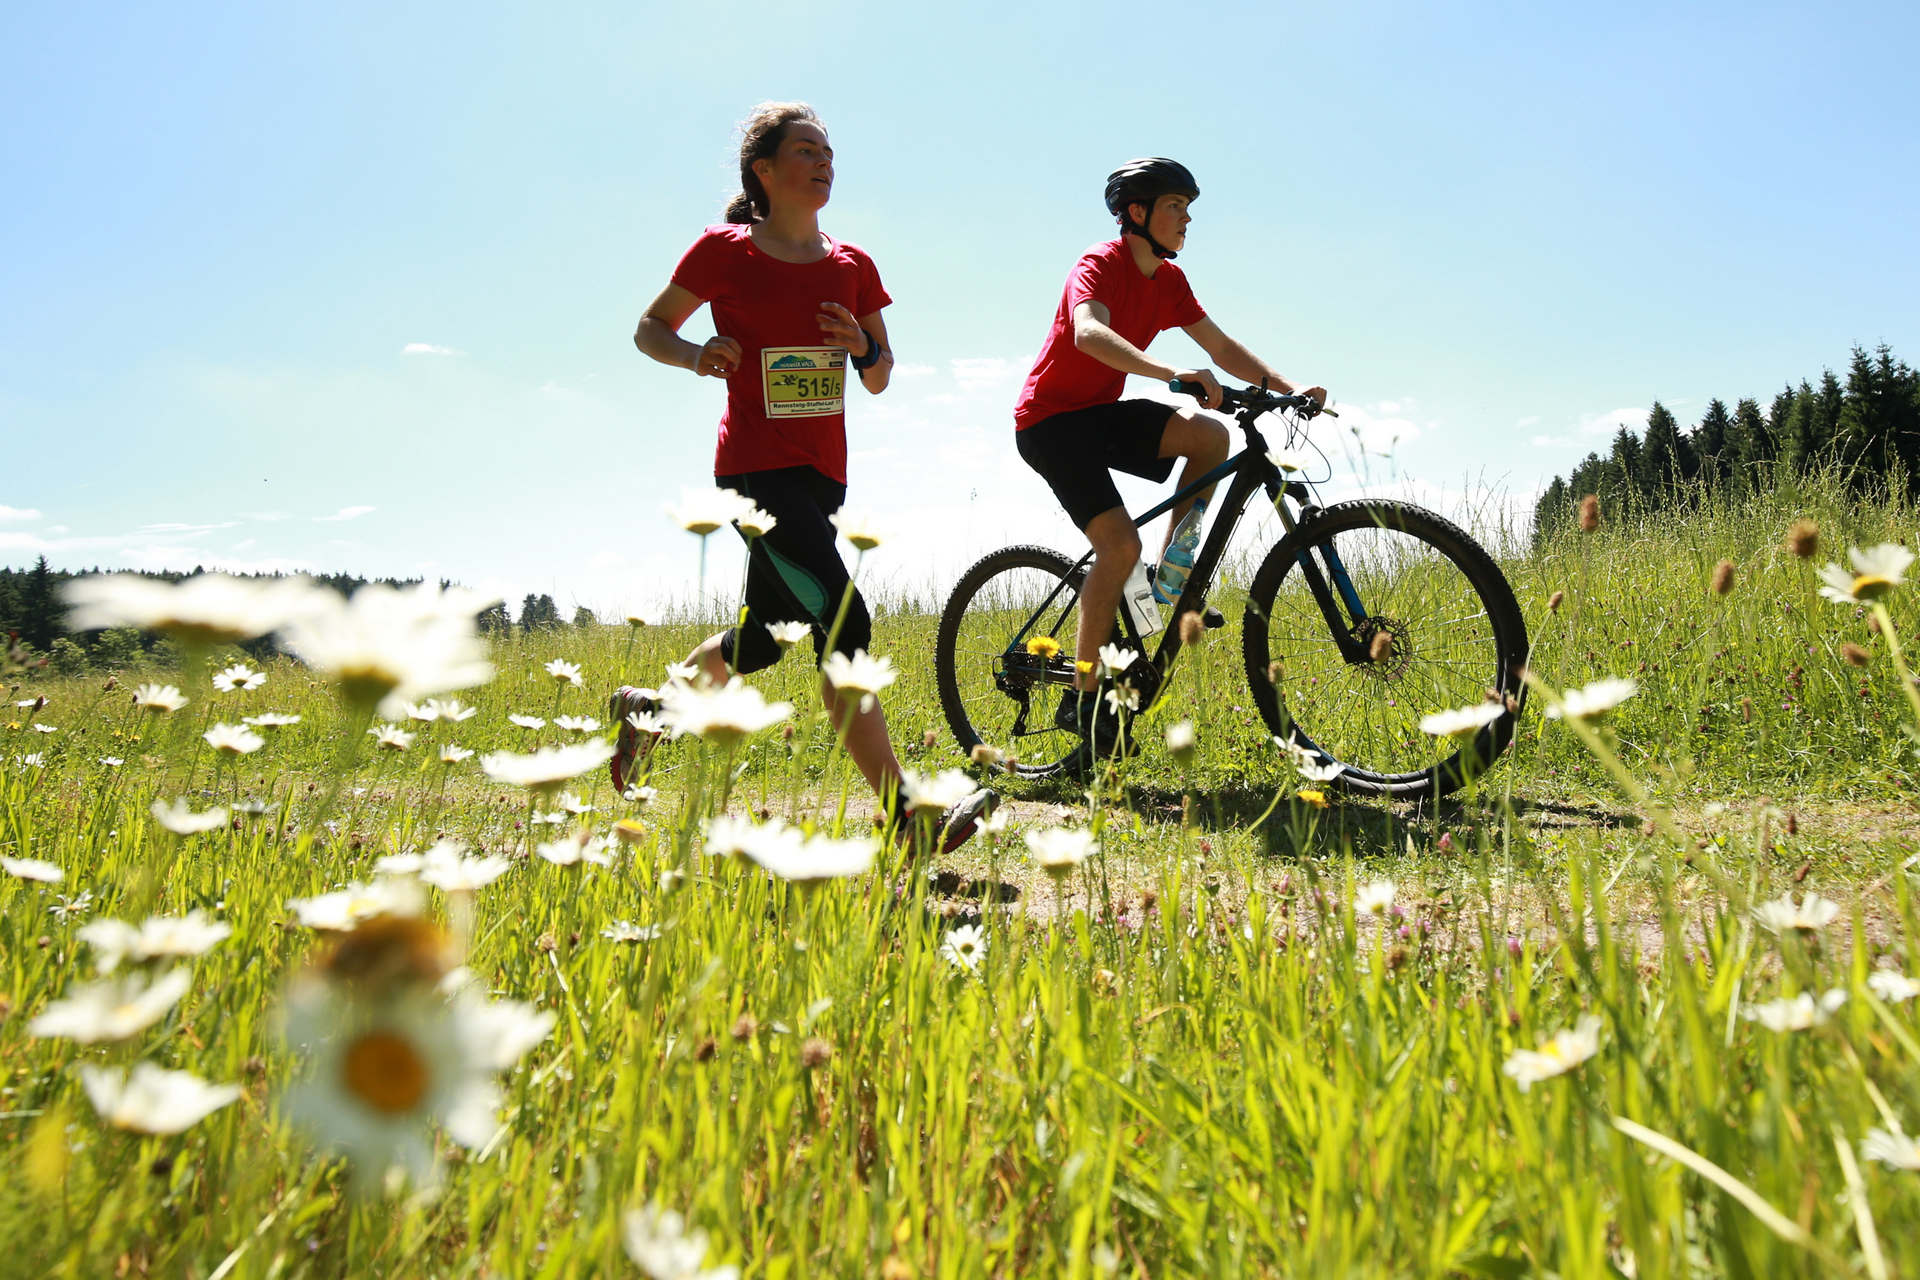 24.06.2017, xkvx, Crosslauf, 19. Rennsteig-Staffellauf, v.l.